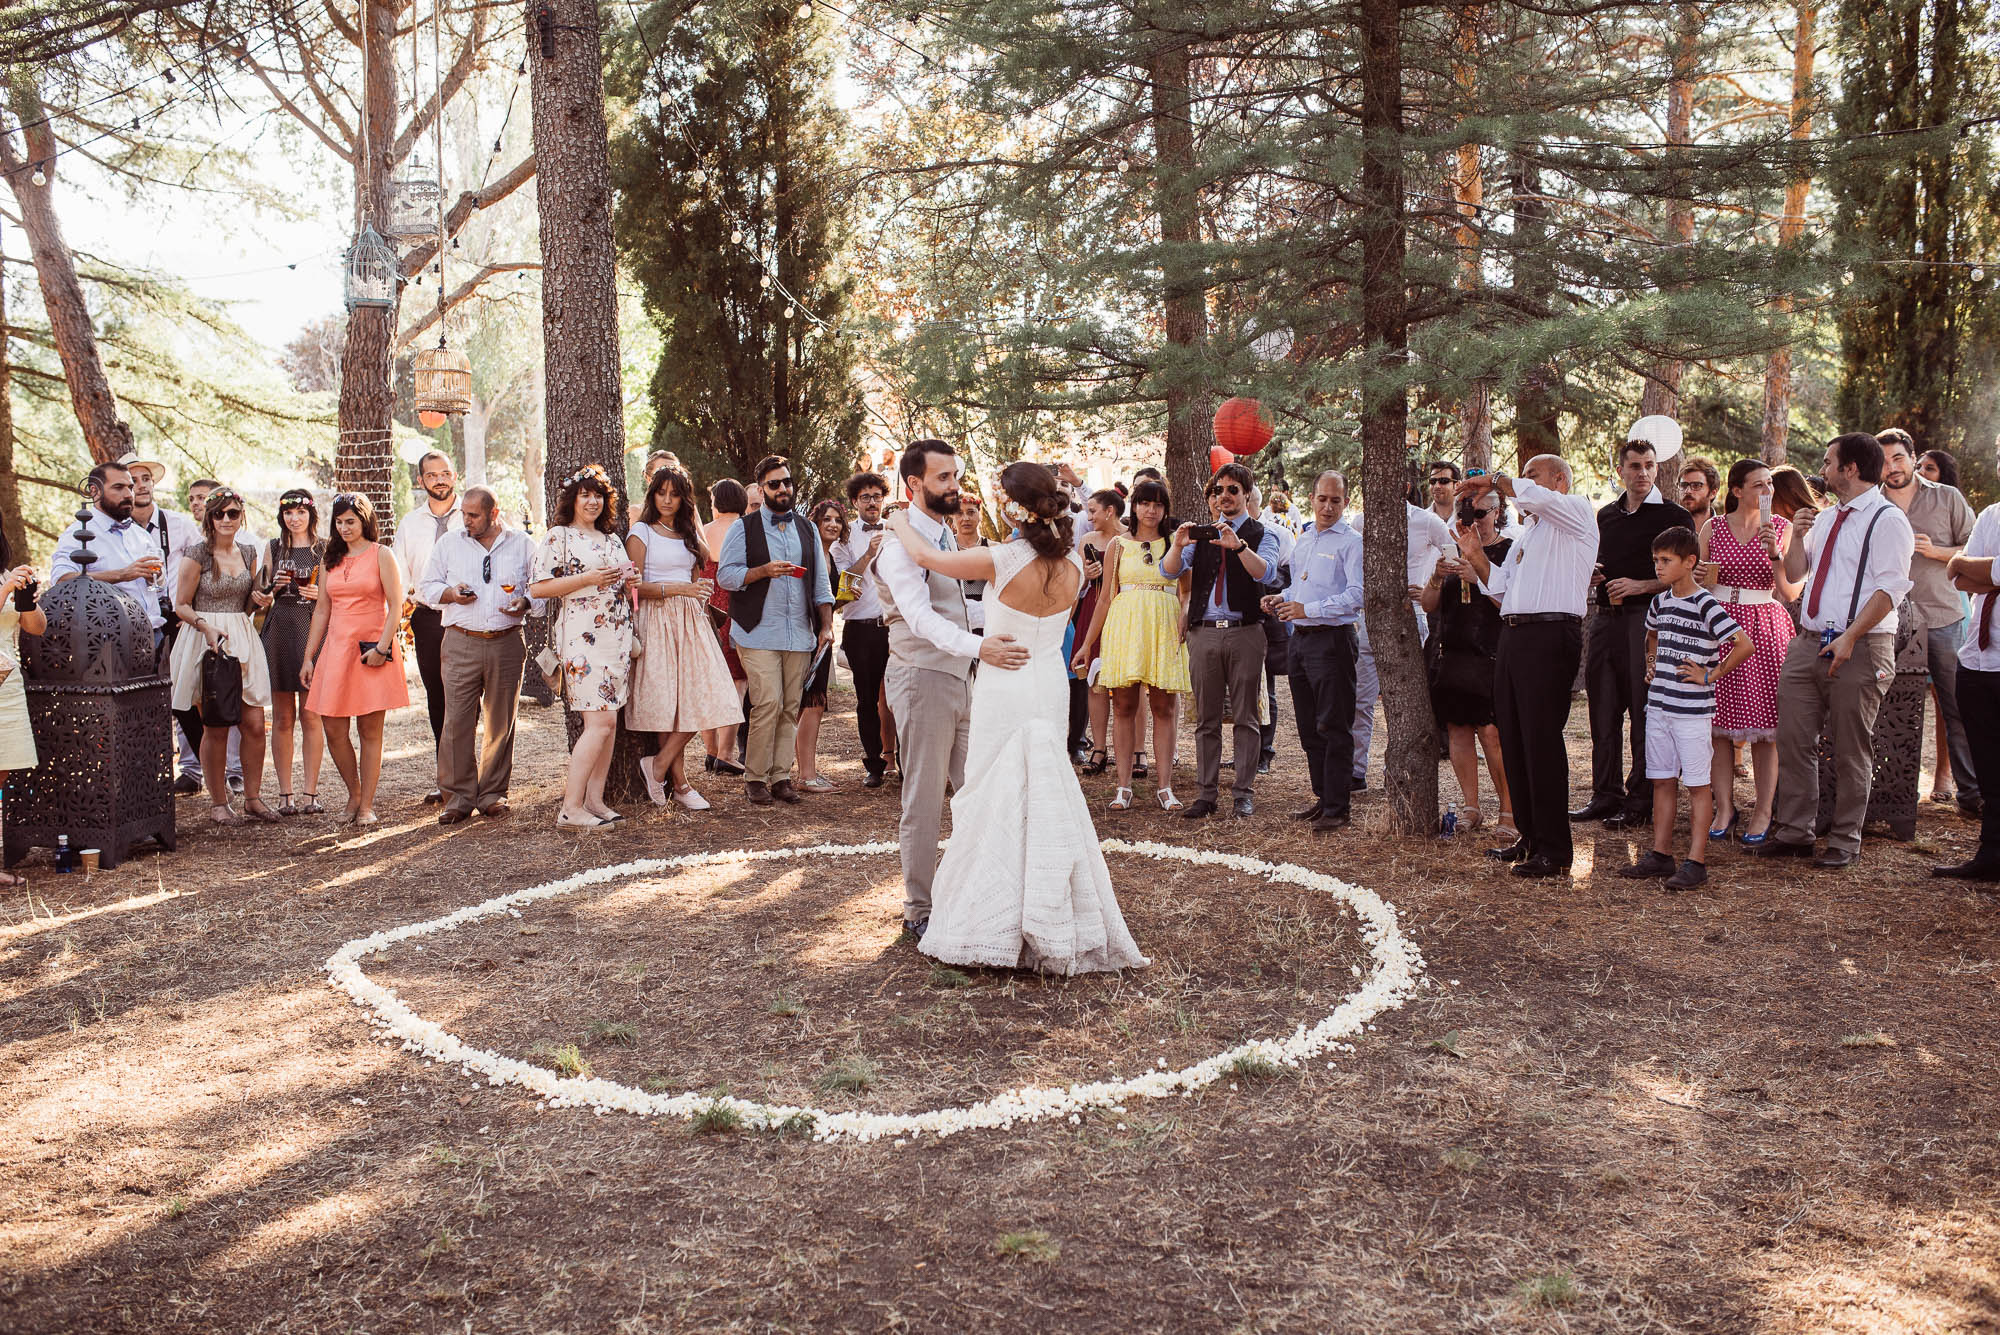 Los invitados rodean a los novios que bailan en un círculo en medio del bosque